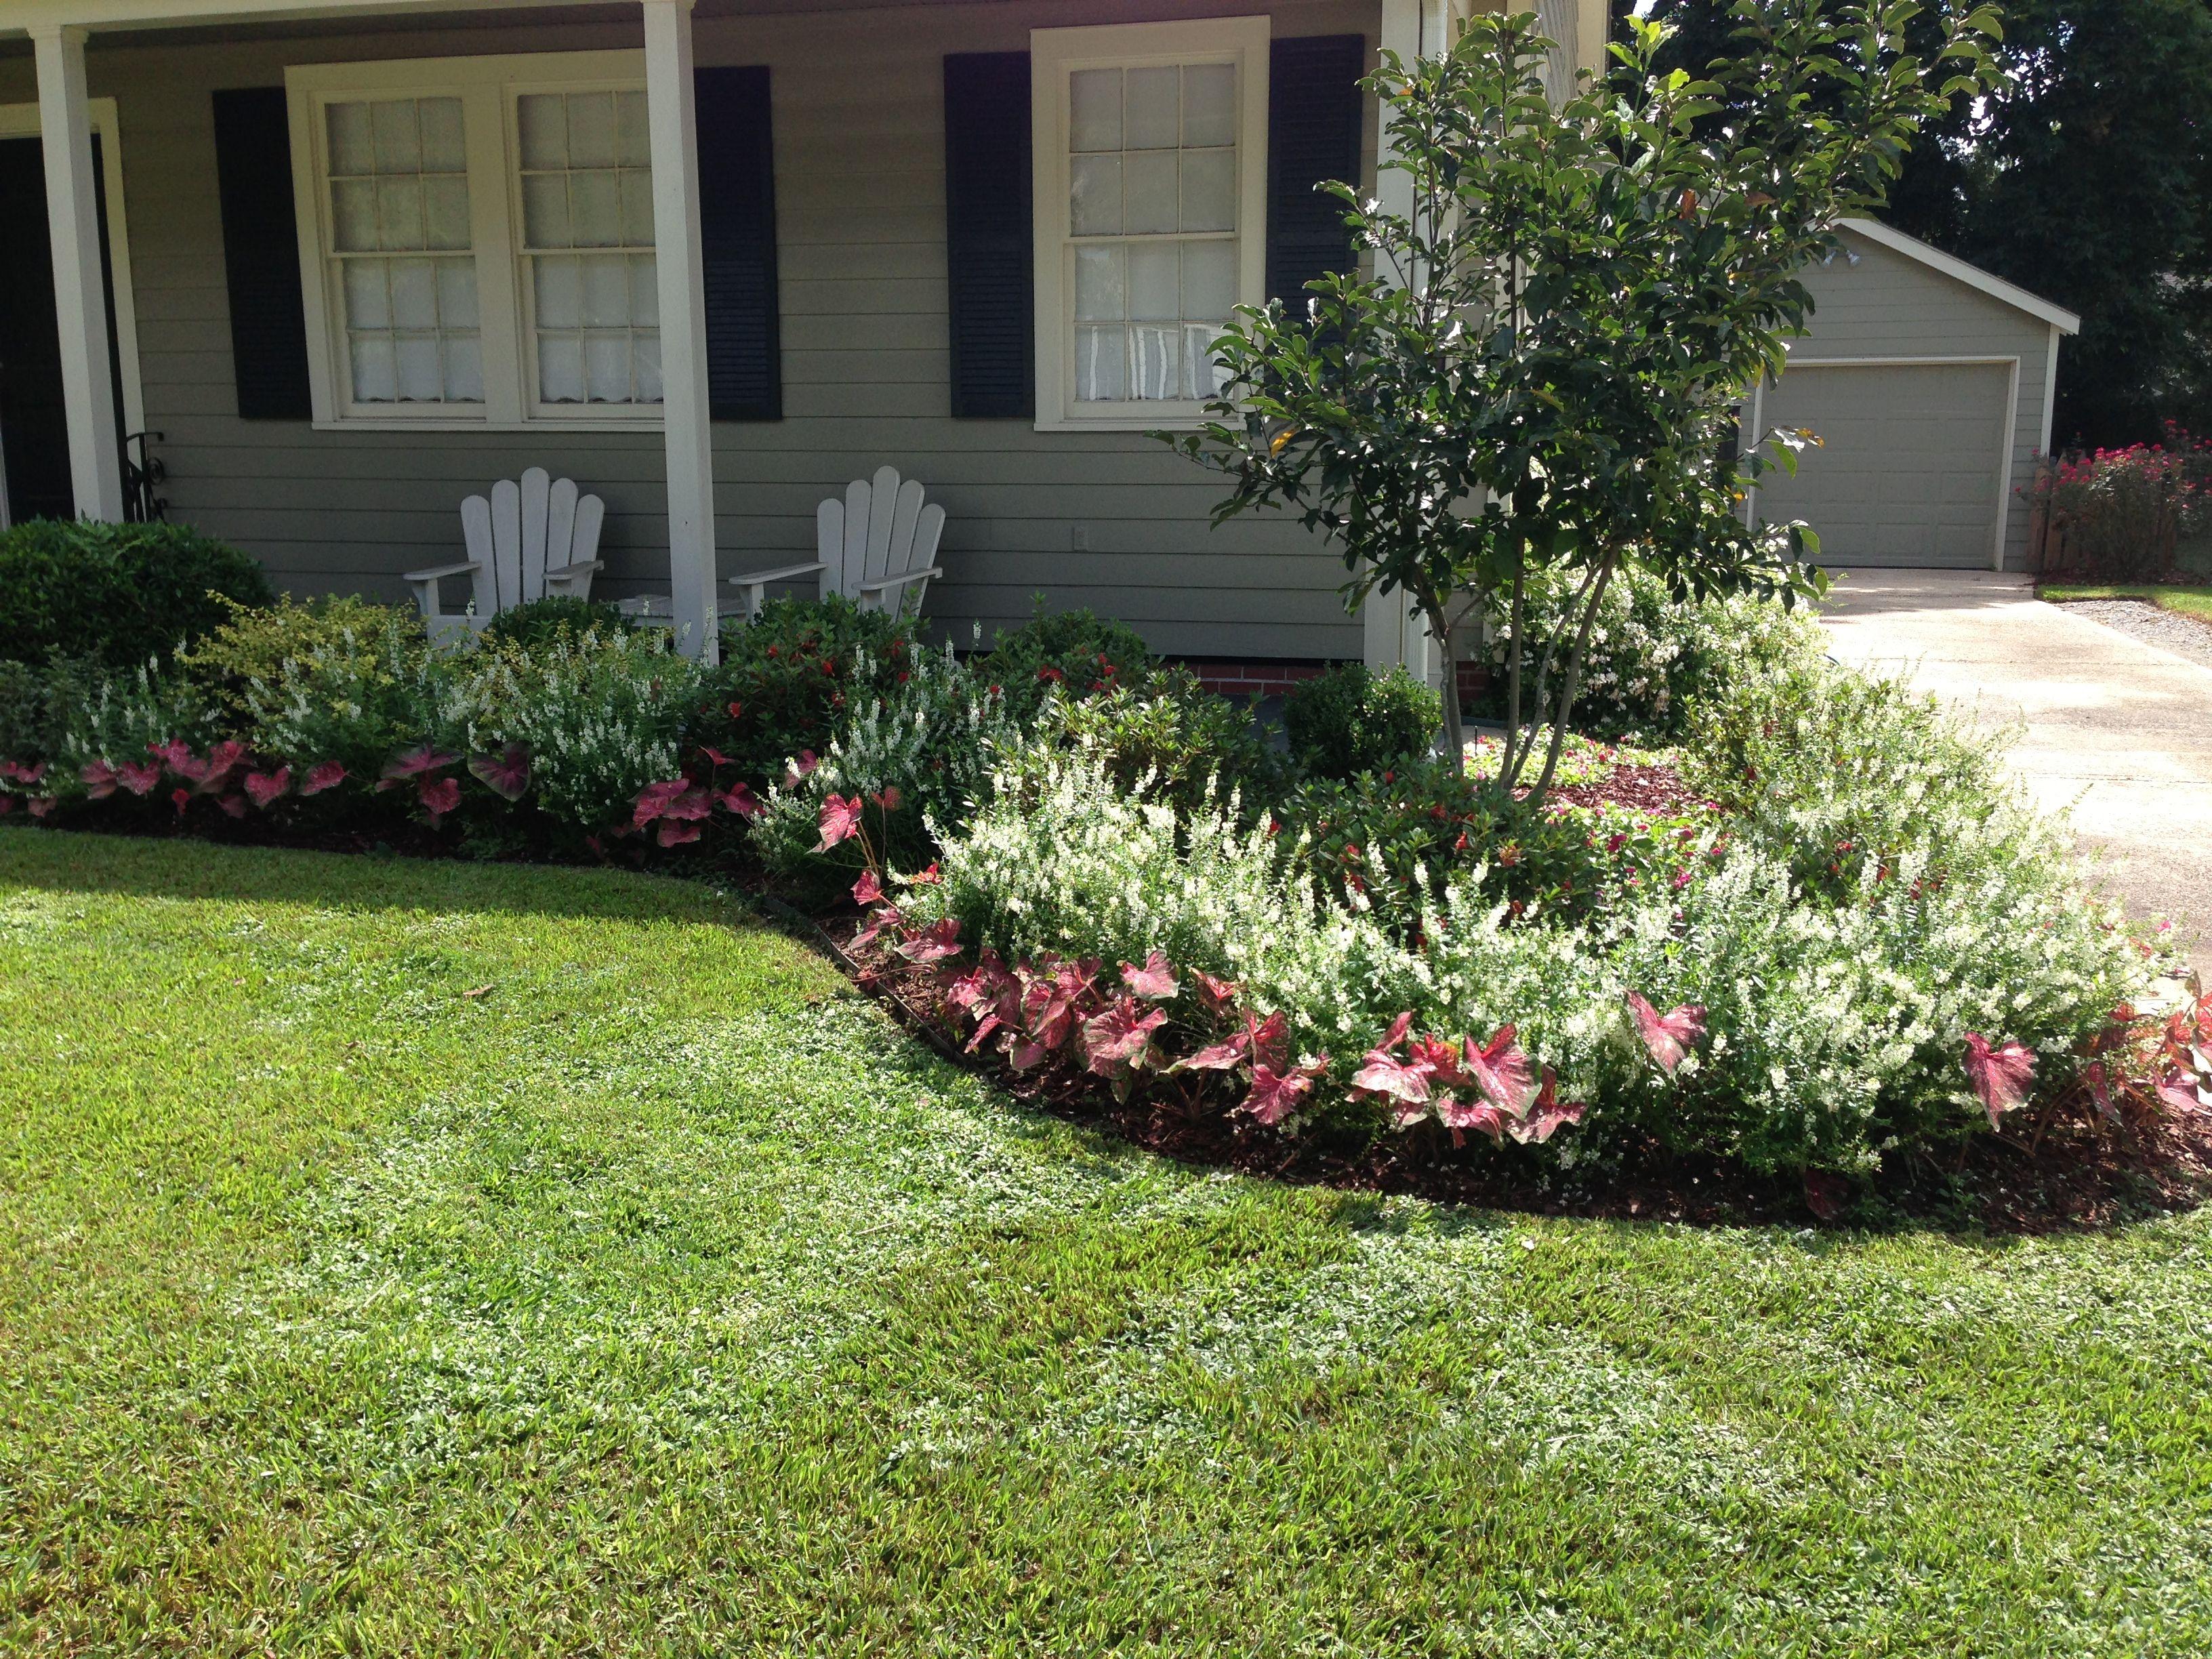 Ferdian beuh landscaping flower bed ideas - Cheap flower bed ideas ...